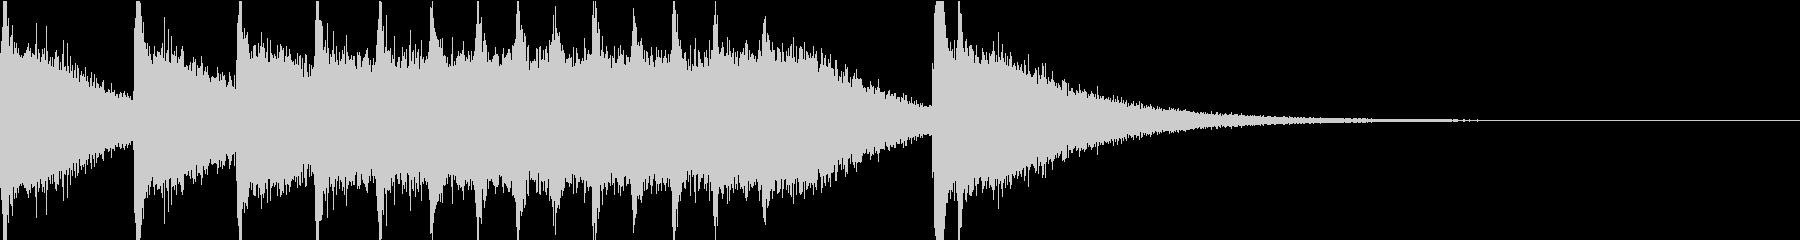 儀式的なシンバルの連打の未再生の波形